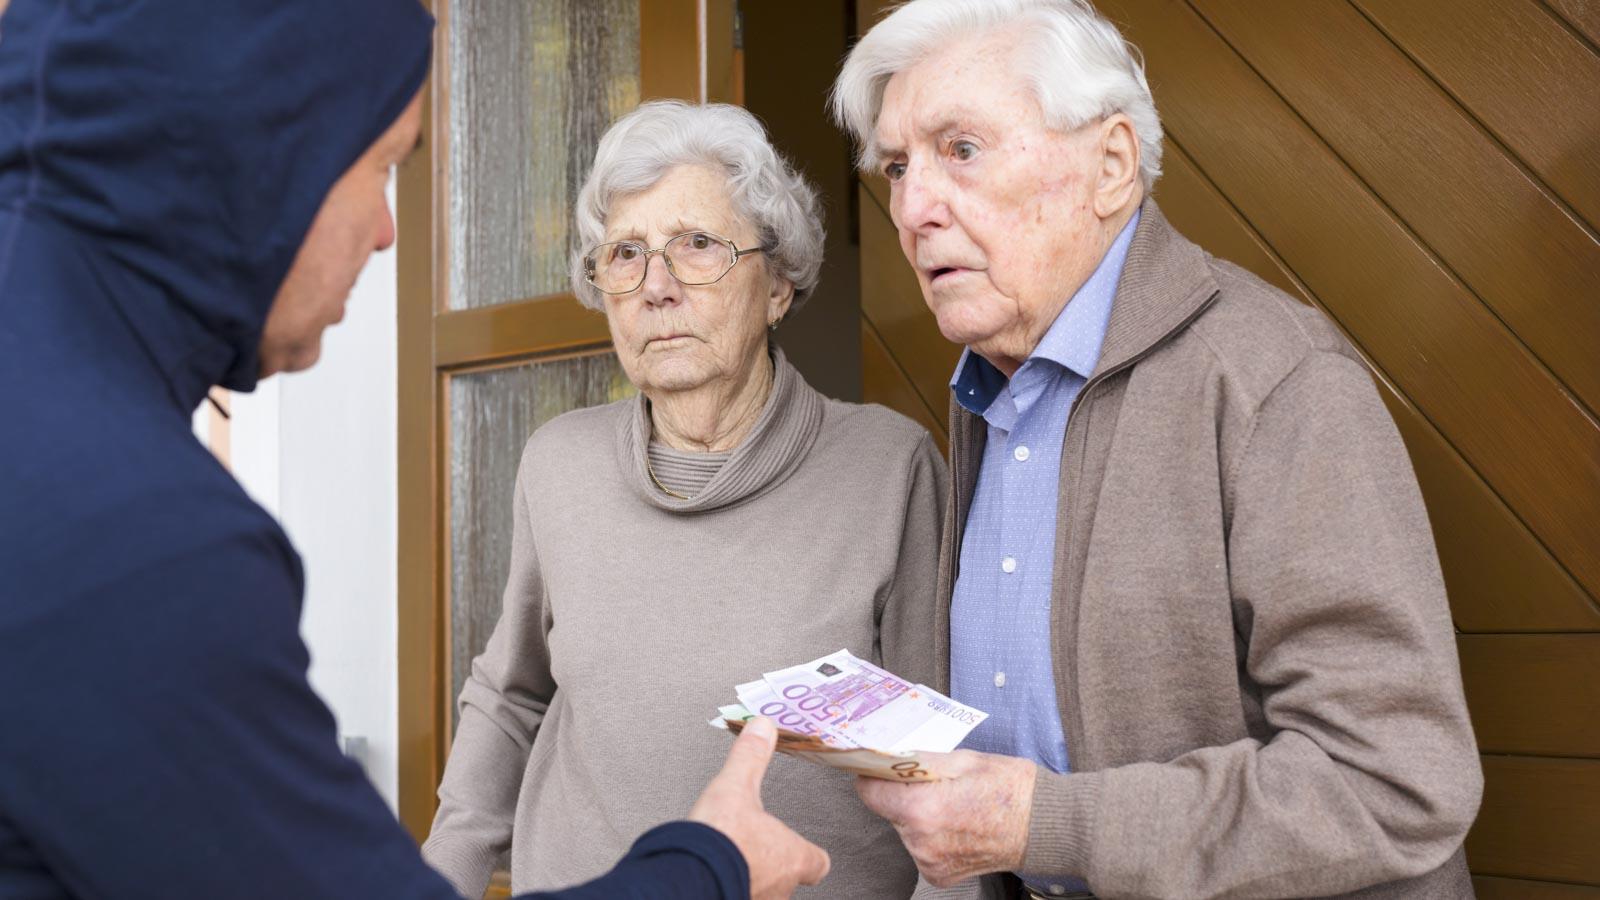 Seniorenpaar an der Haustür übergibt Bargeld an Betrüger